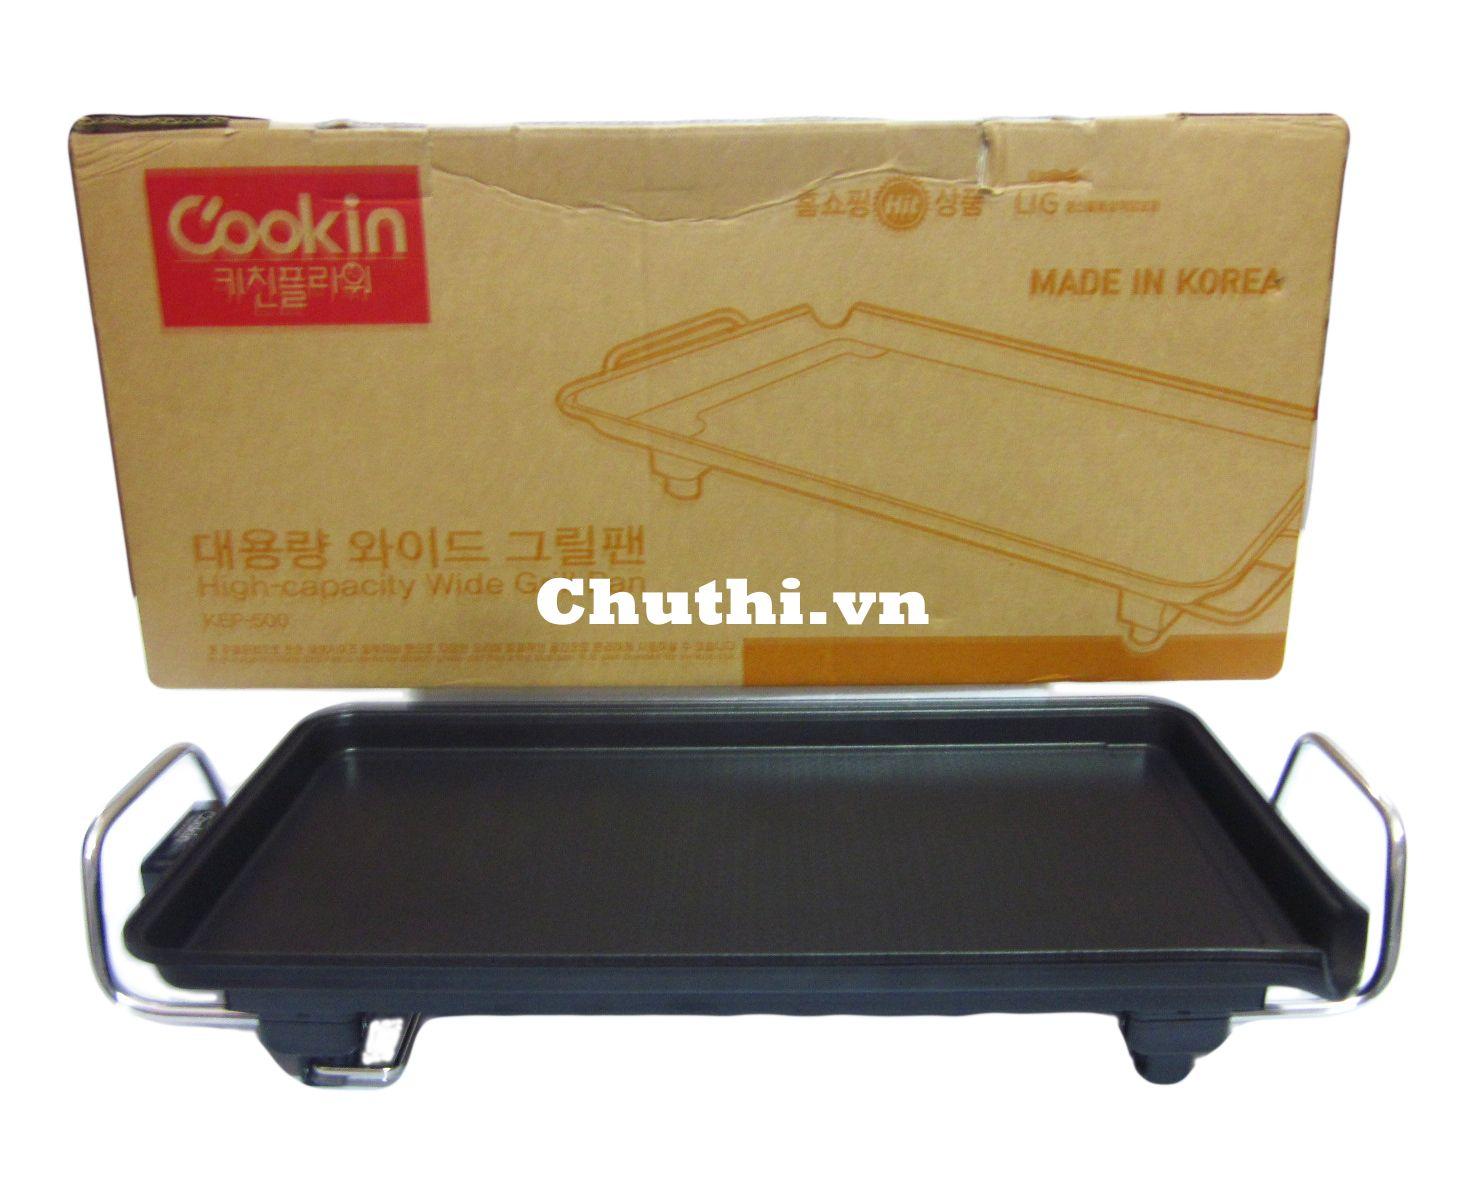 Là sản phẩm có sẵn tại Chuthi.vn